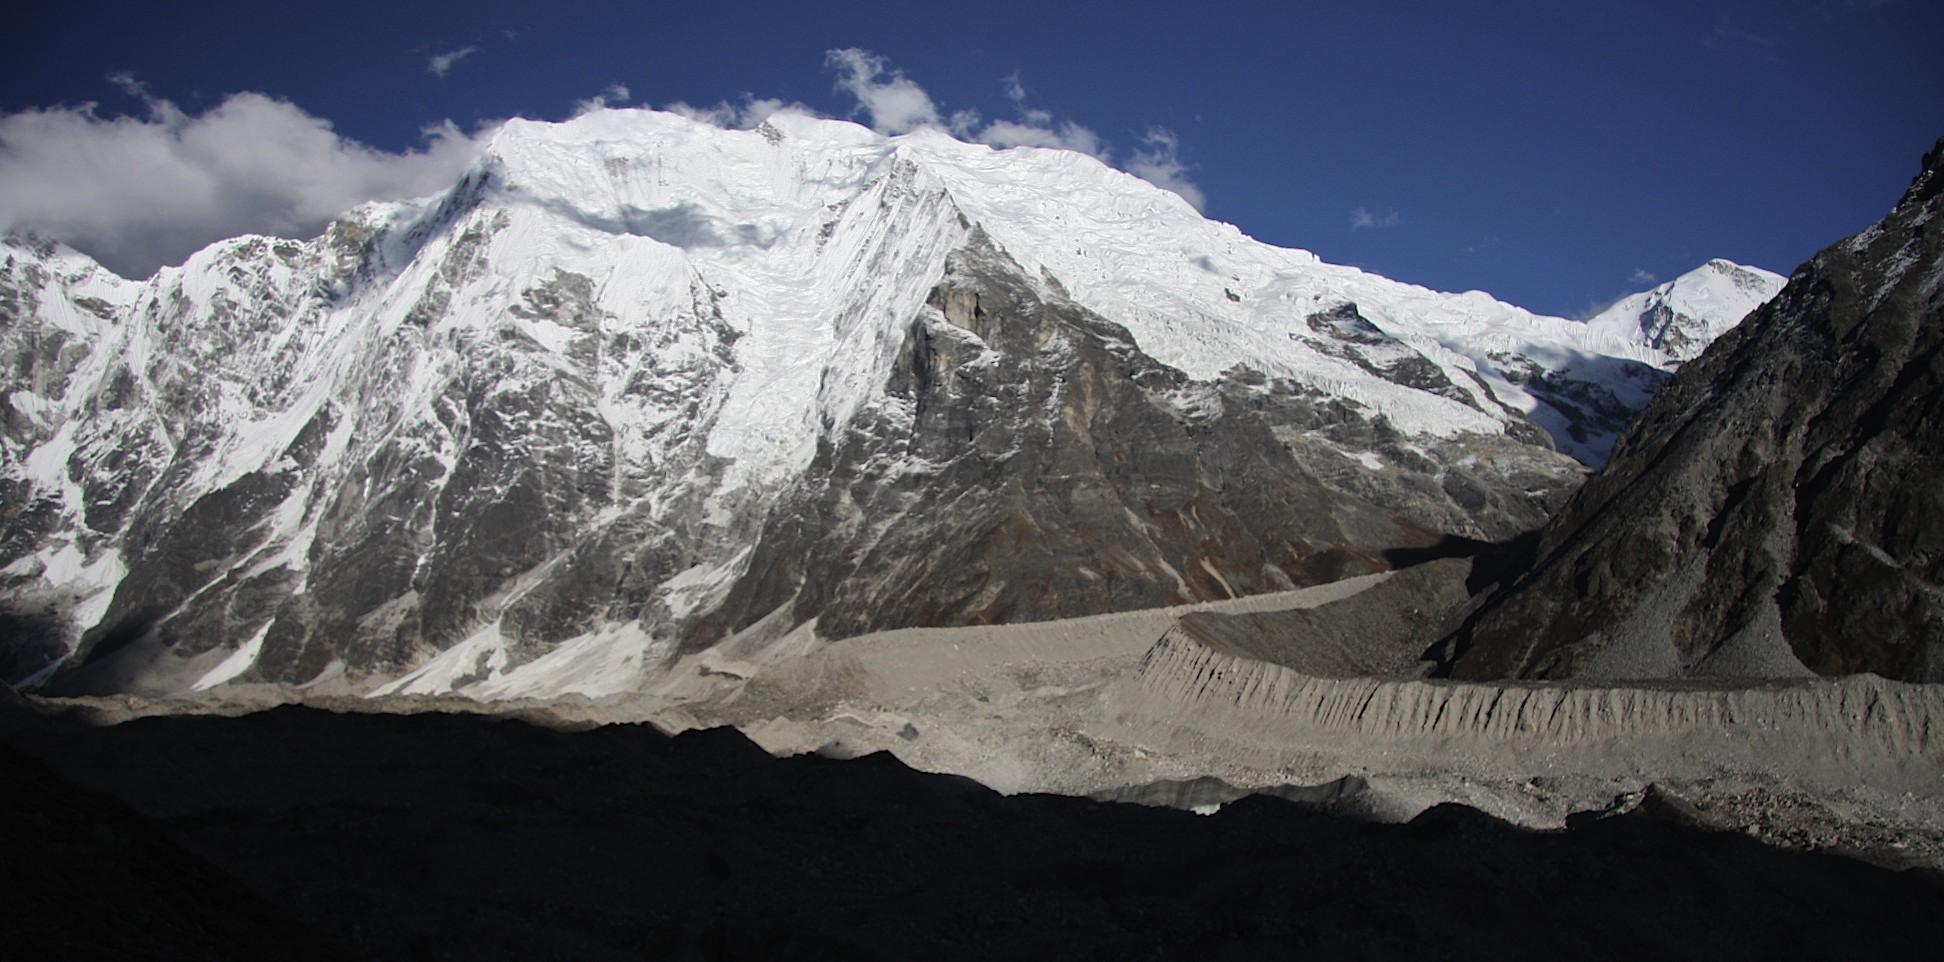 Langtang Glacier and Pemthang Karpo Ri Mountain.